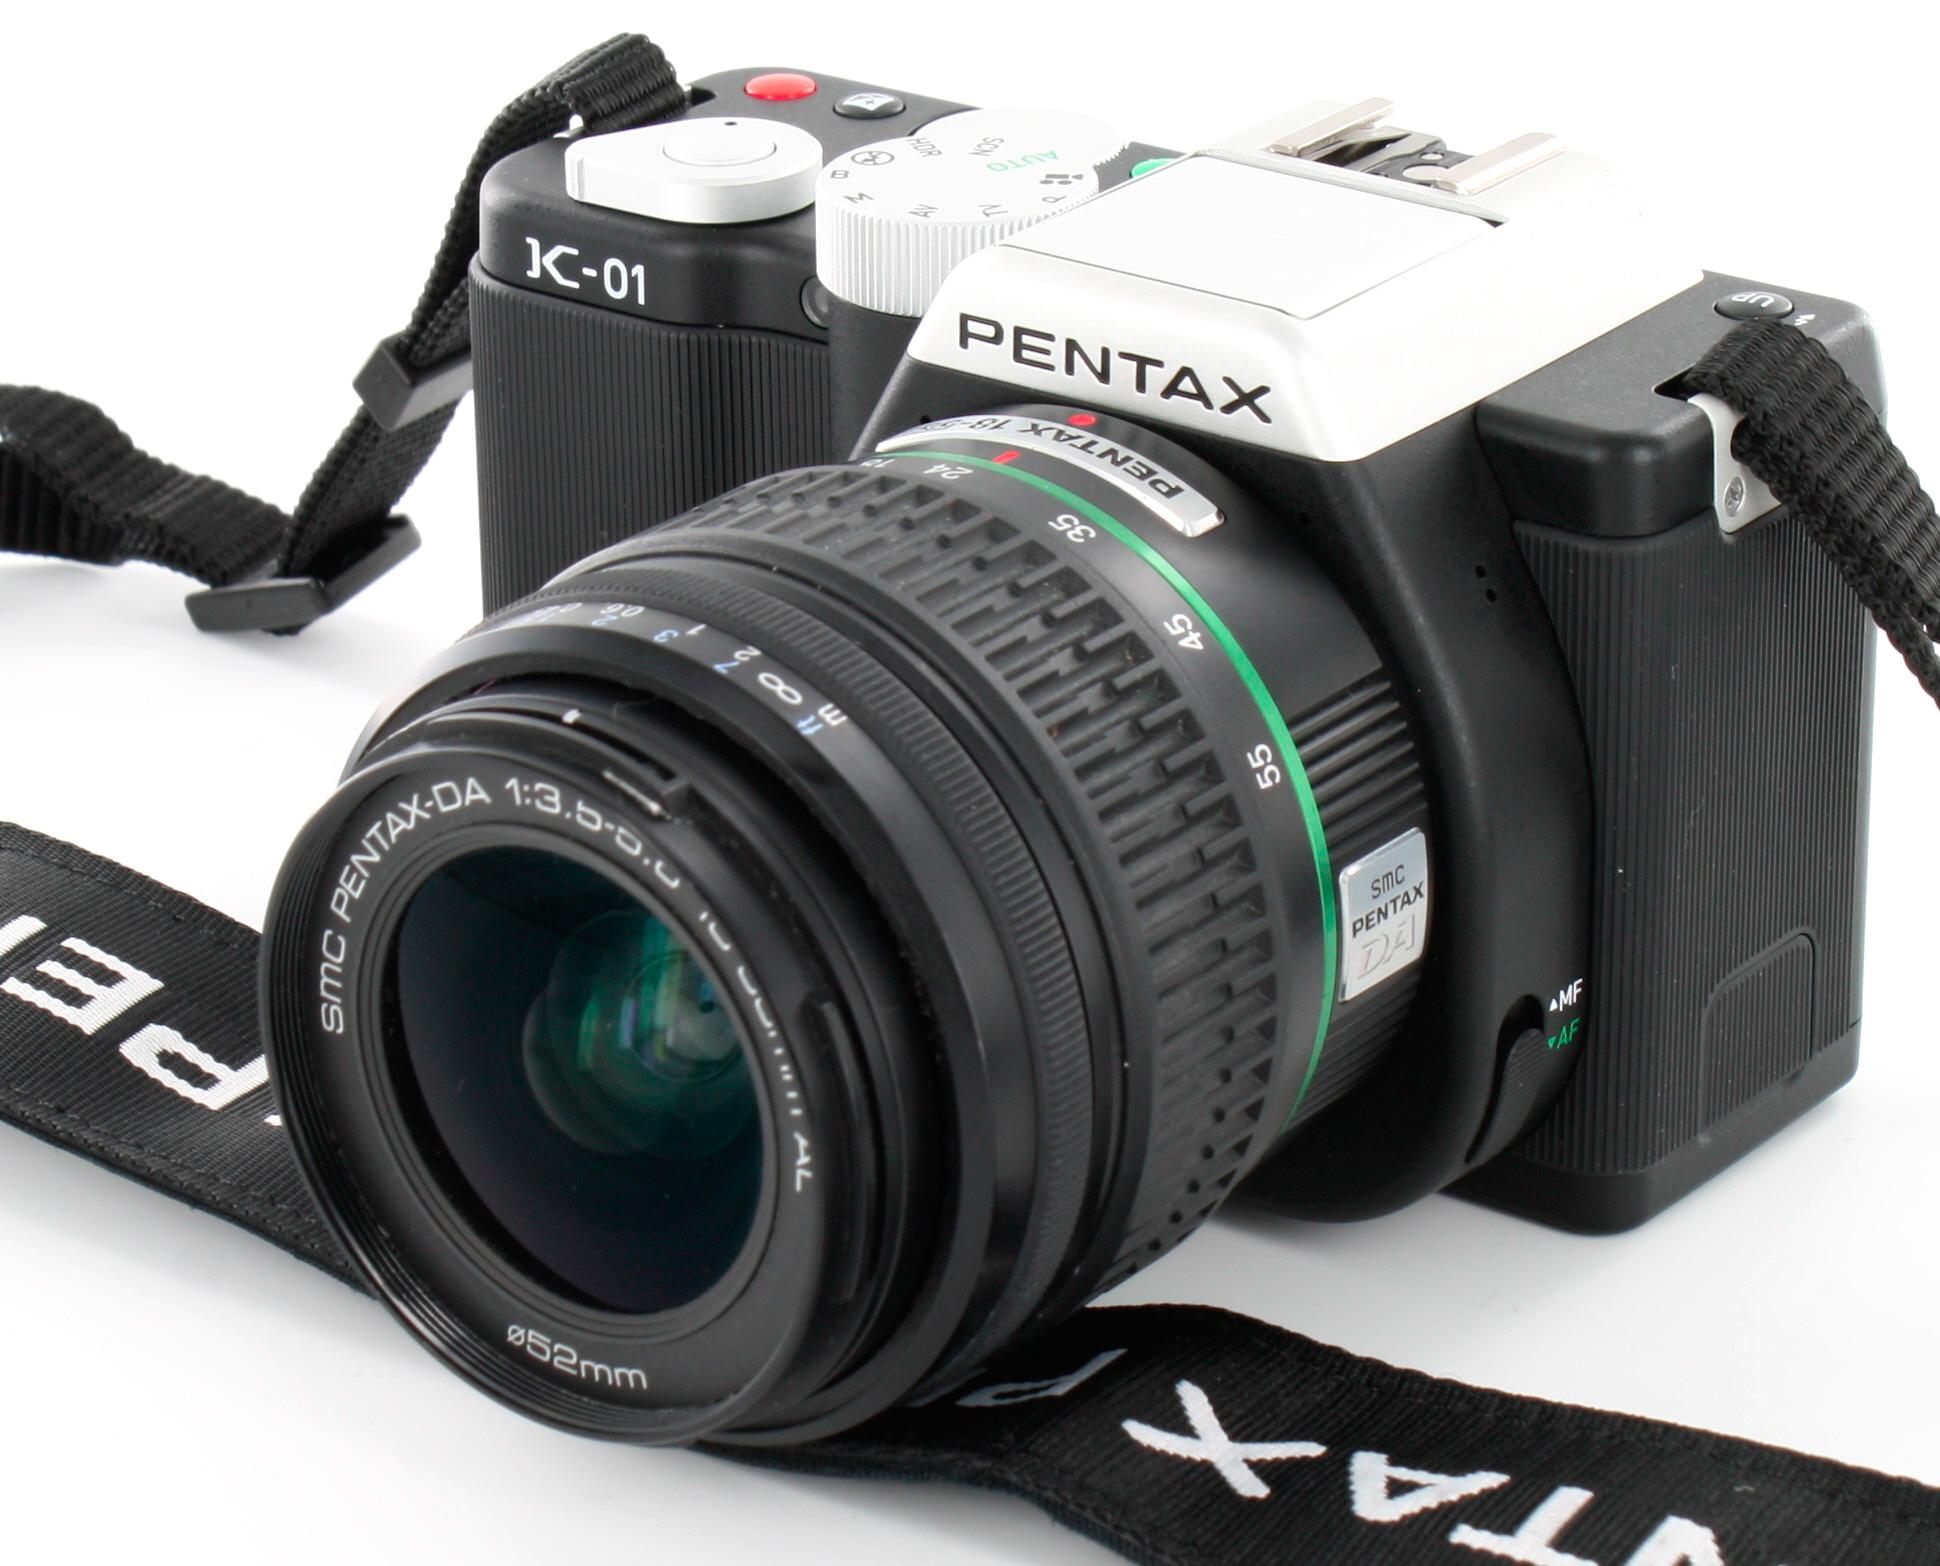 Pentax K-01 vs Pentax *ist D DSLR Size Comparison